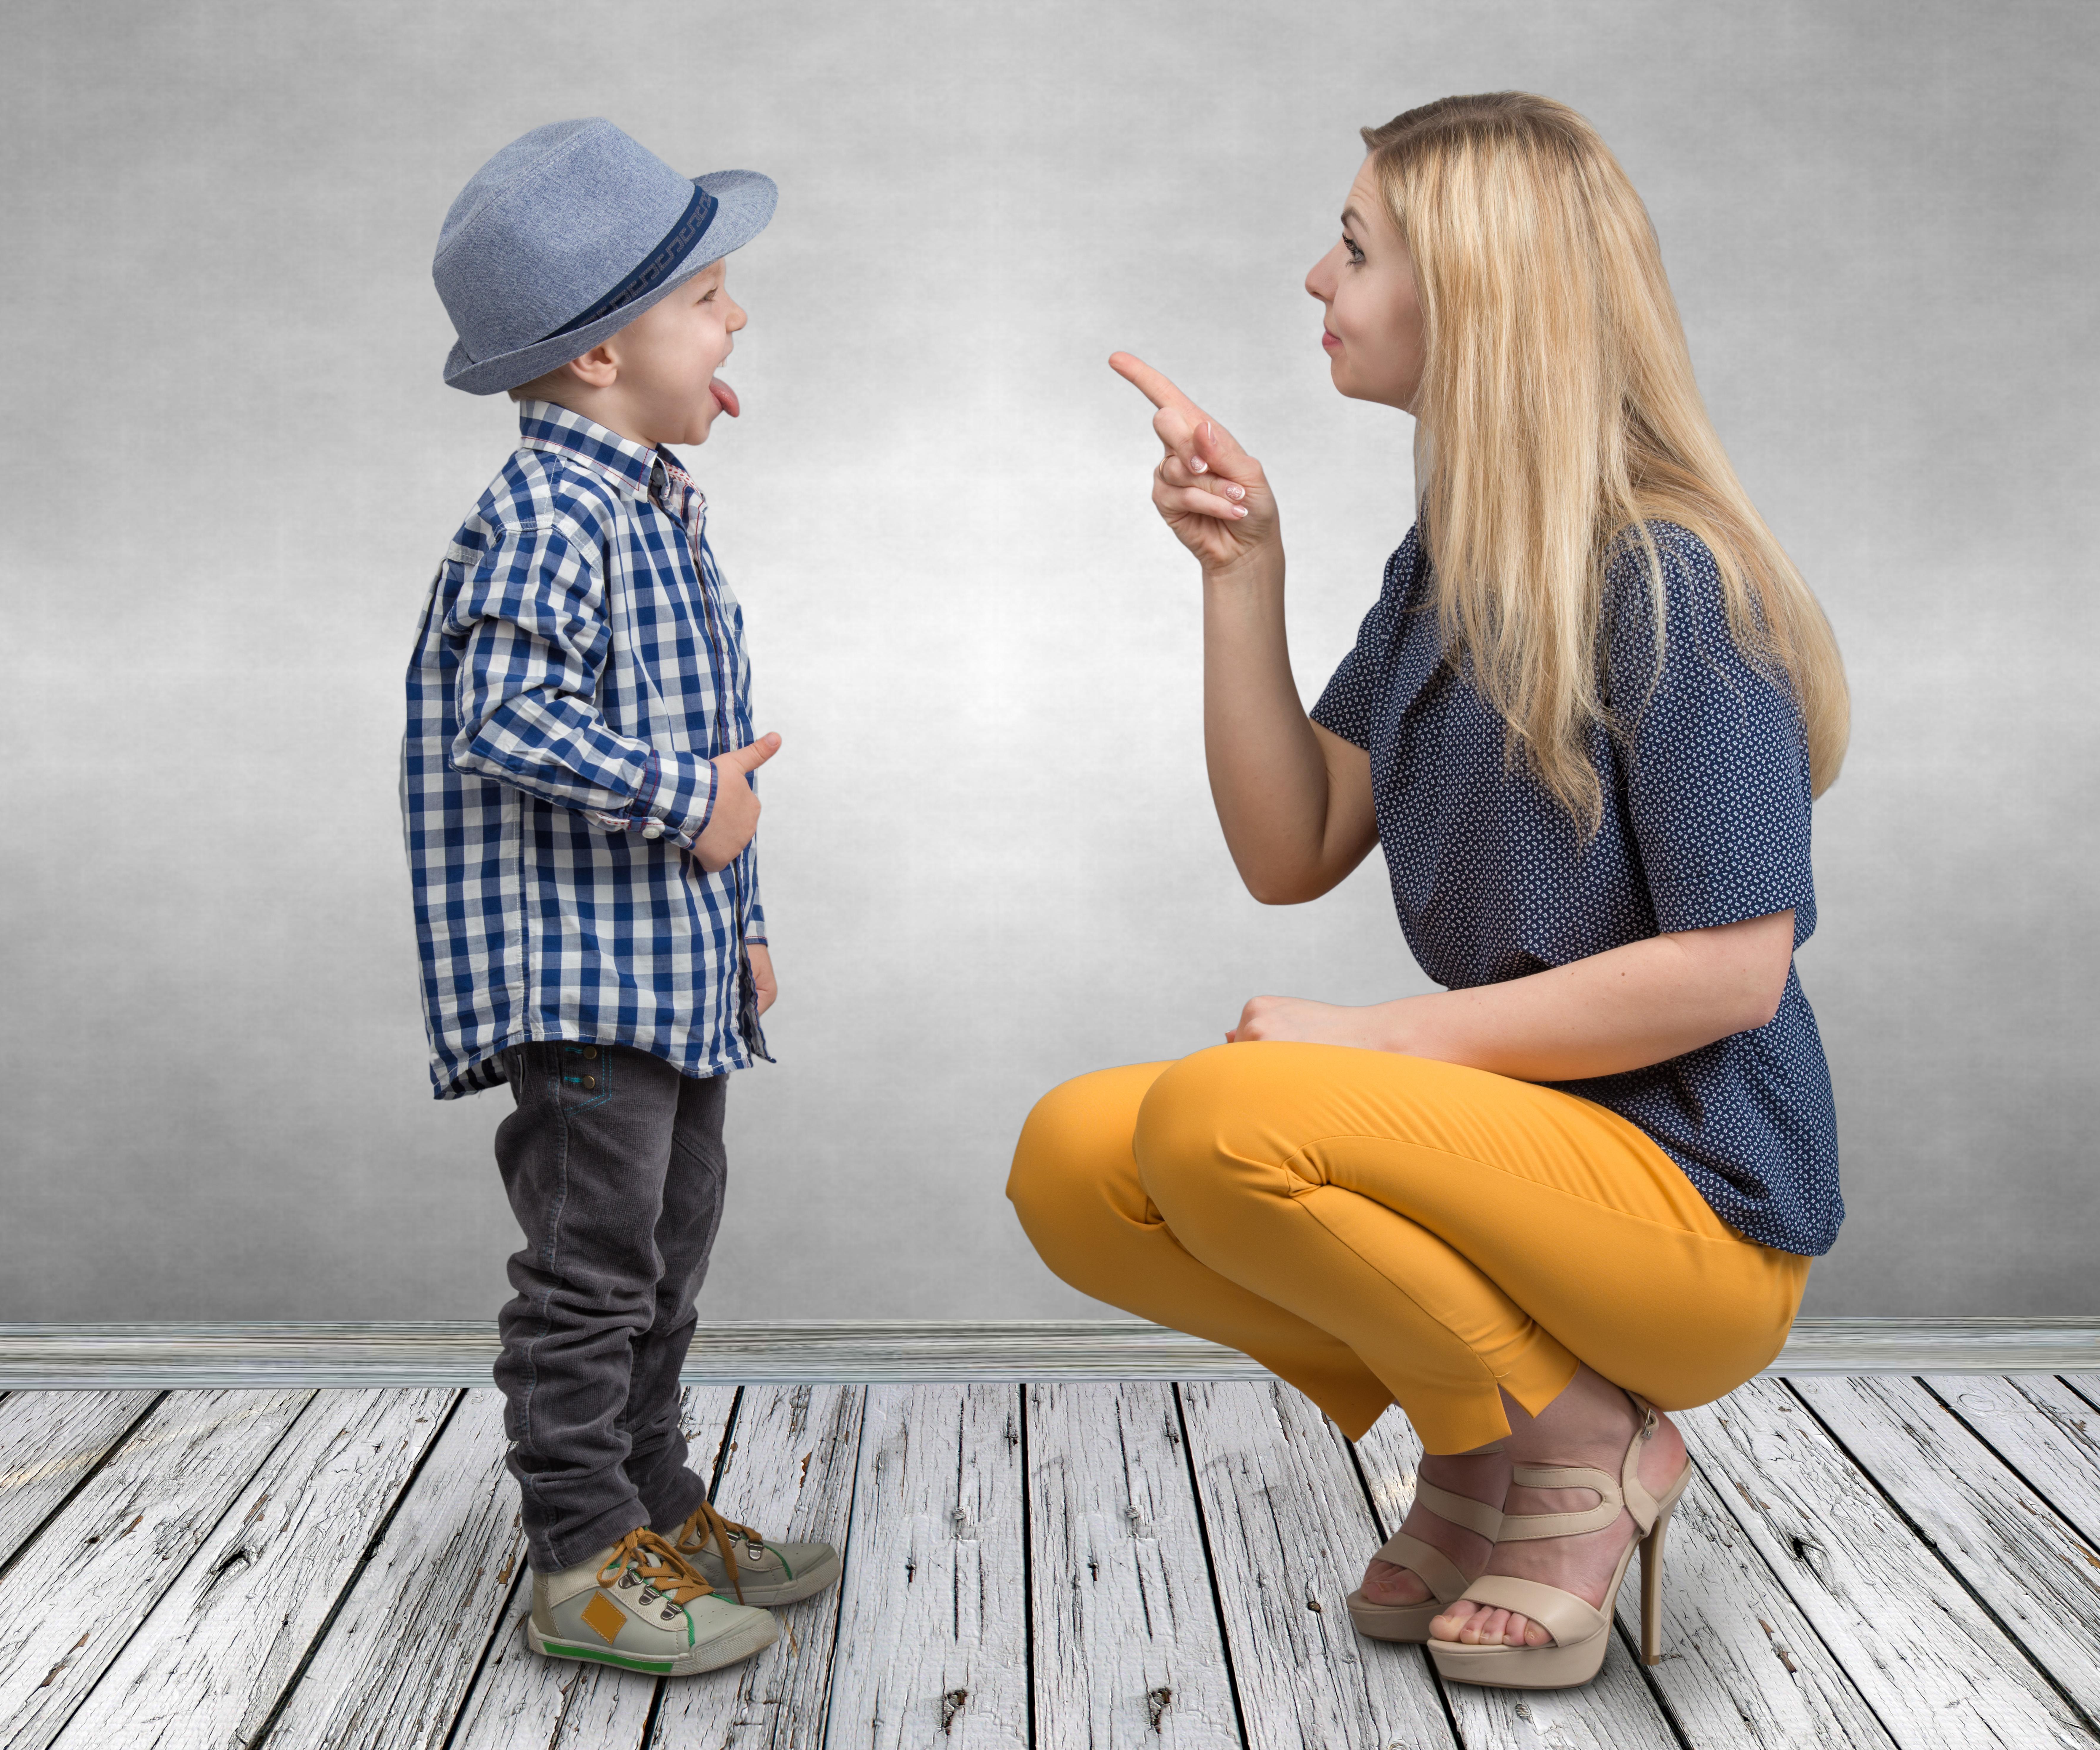 Le codage spontané amodal des émotions, c'est-à-dire indépendant du mode de perception, auditif ou visuel intervient à l'âge de 8 ans (Visuel Adobe Stock 166388599).